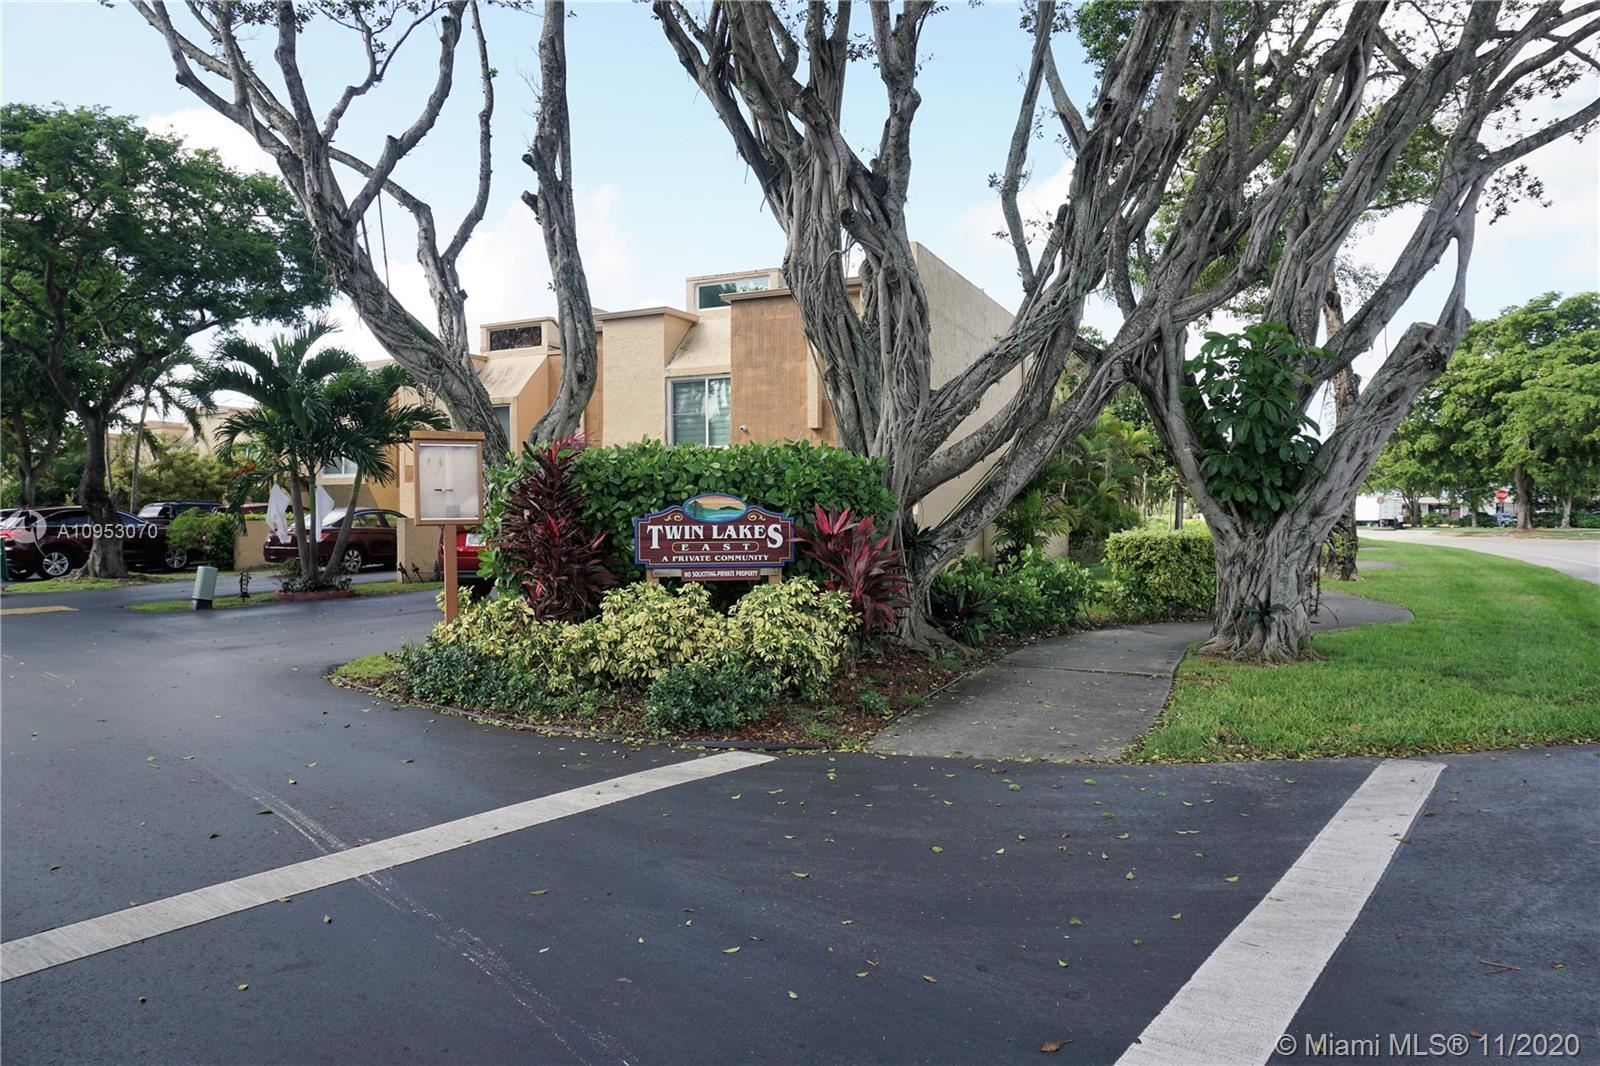 6630 SW 139th Ave #6630, Miami, FL 33183 - #: A10953070